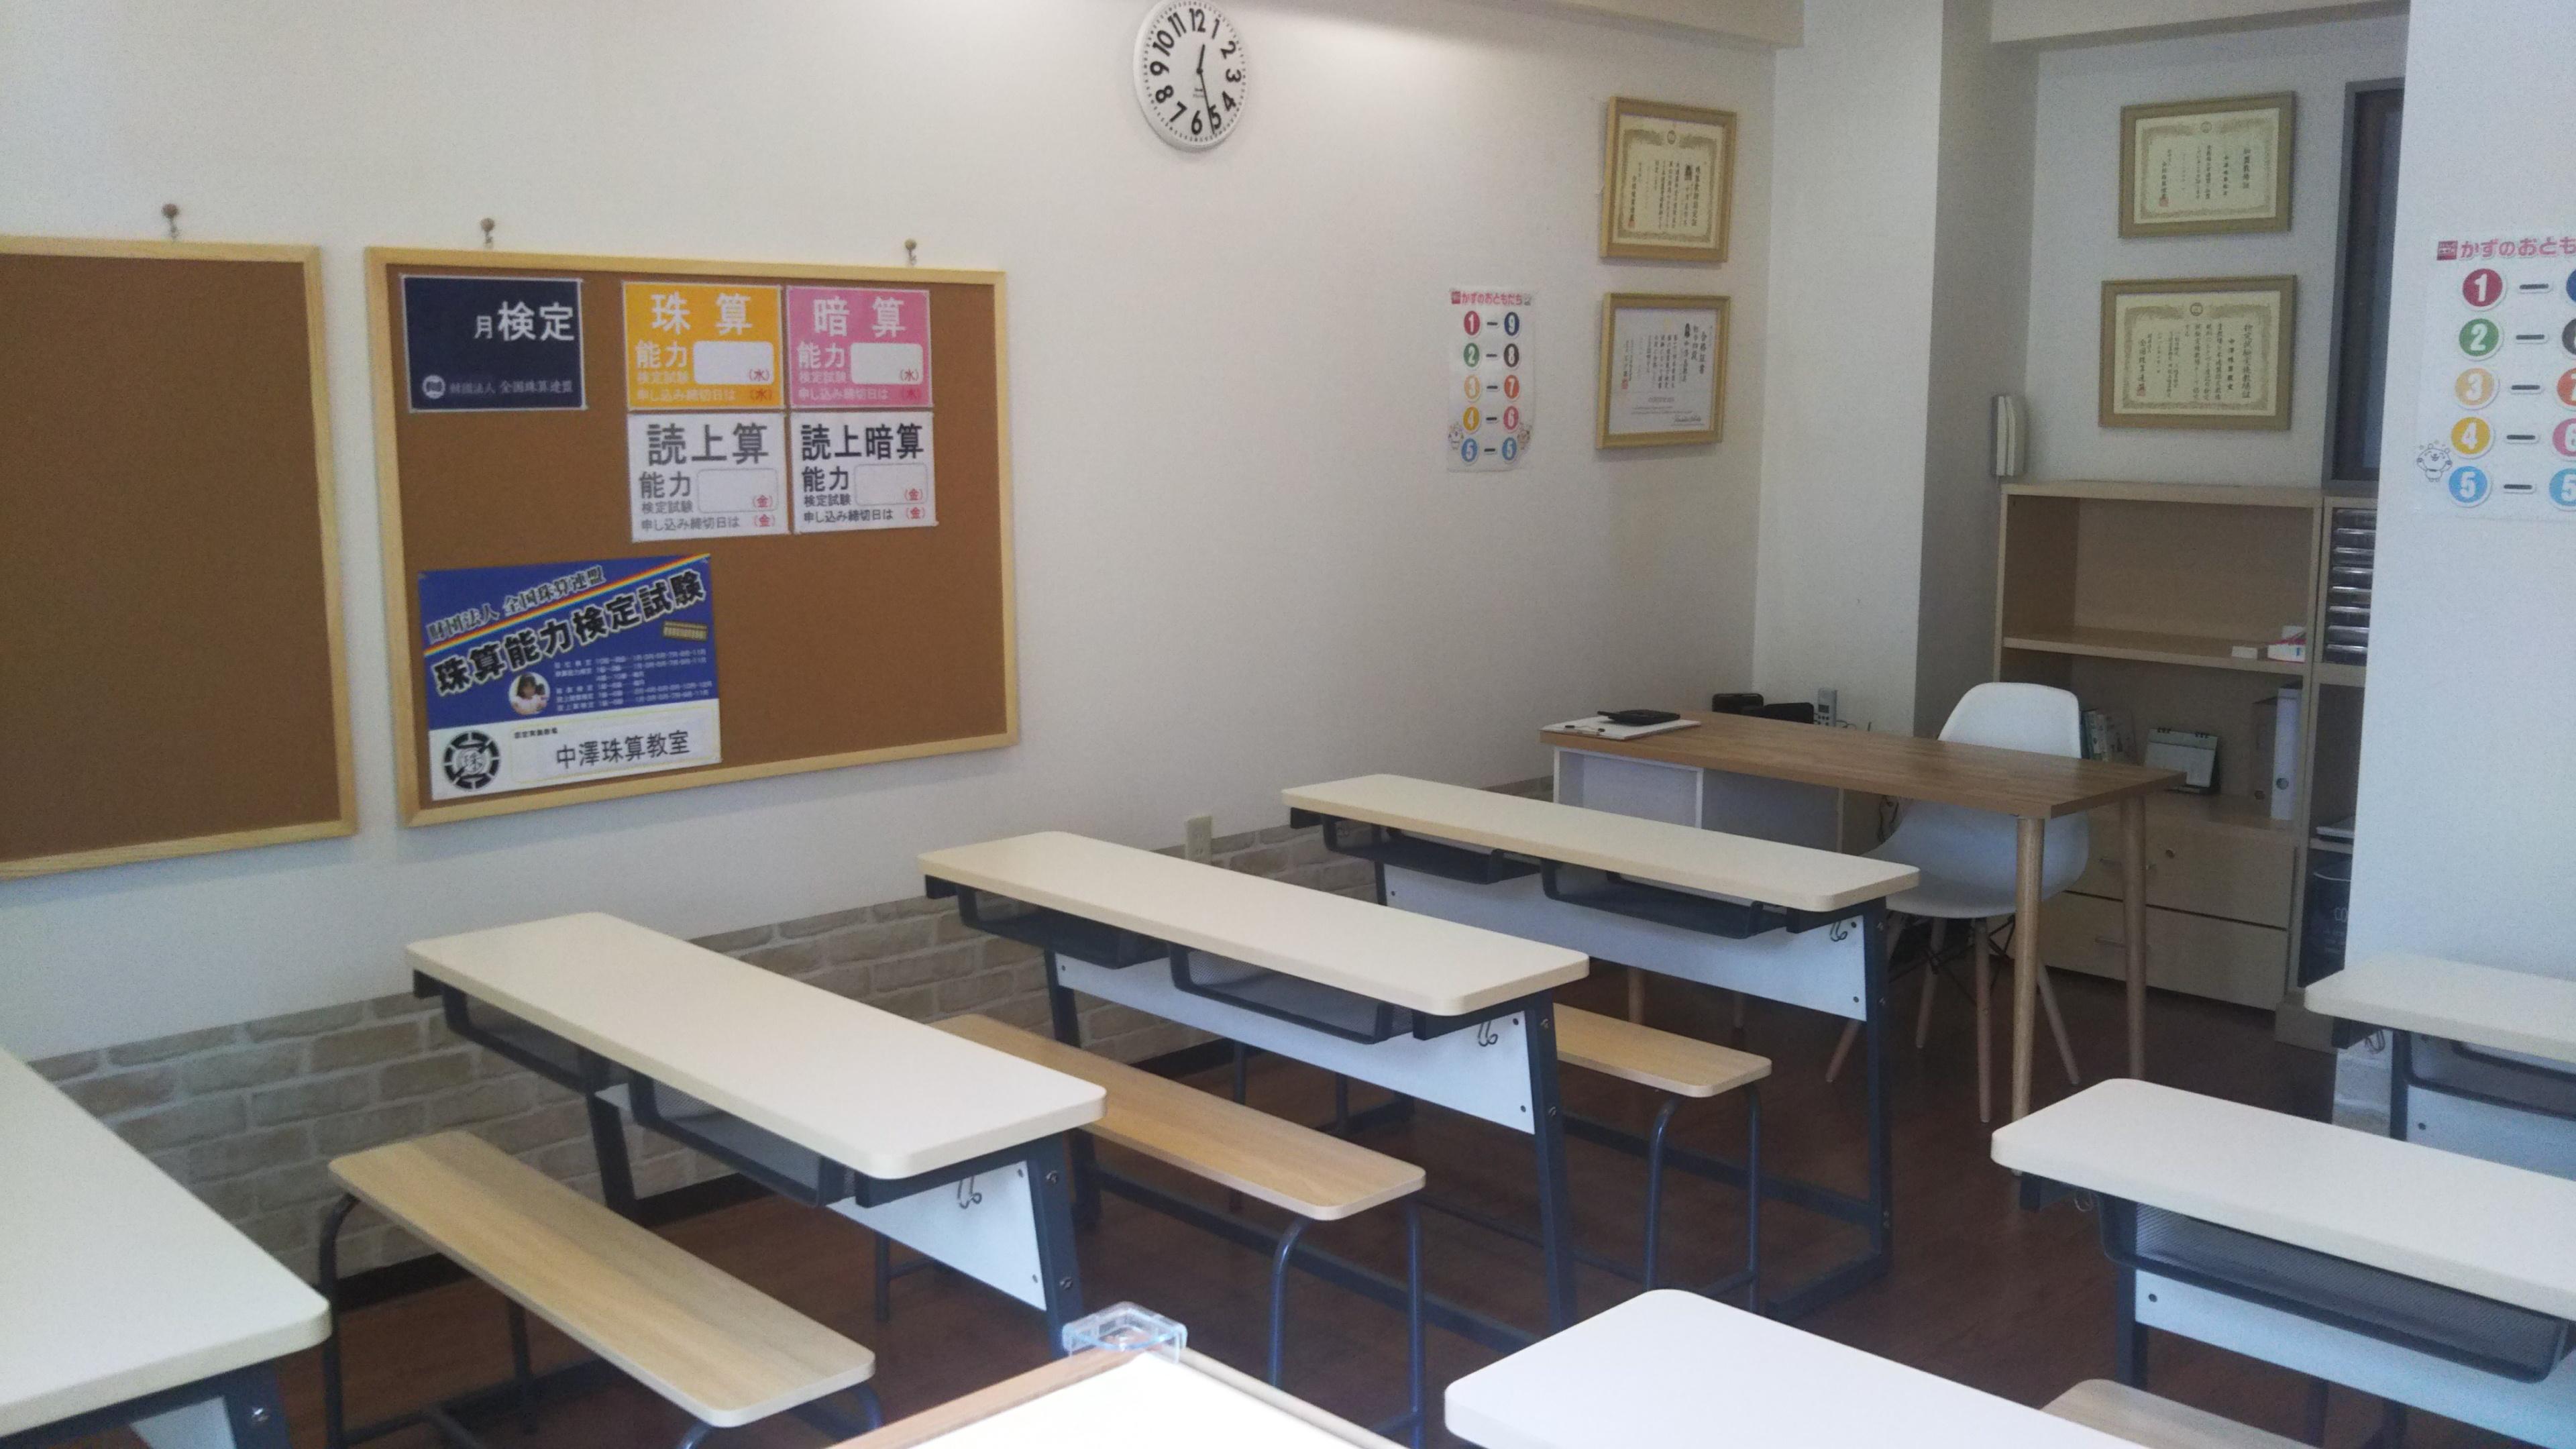 教室内はこんな感じです◎